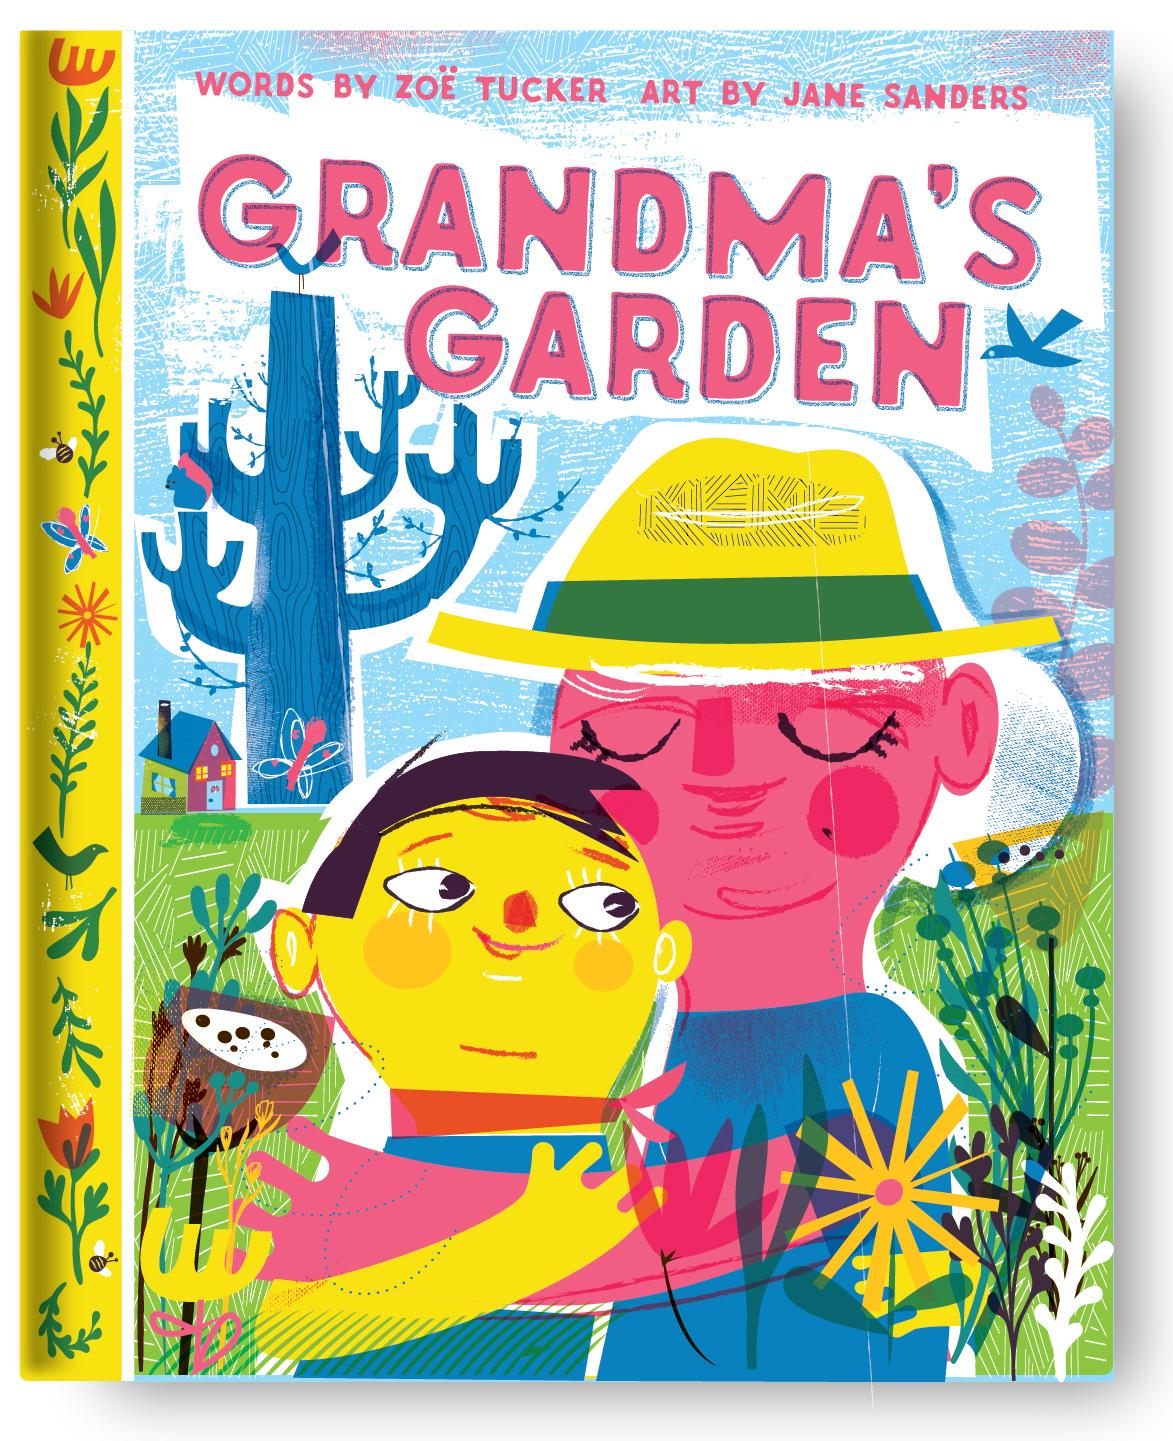 Grandma's Garden, Lilla Rogers' Class